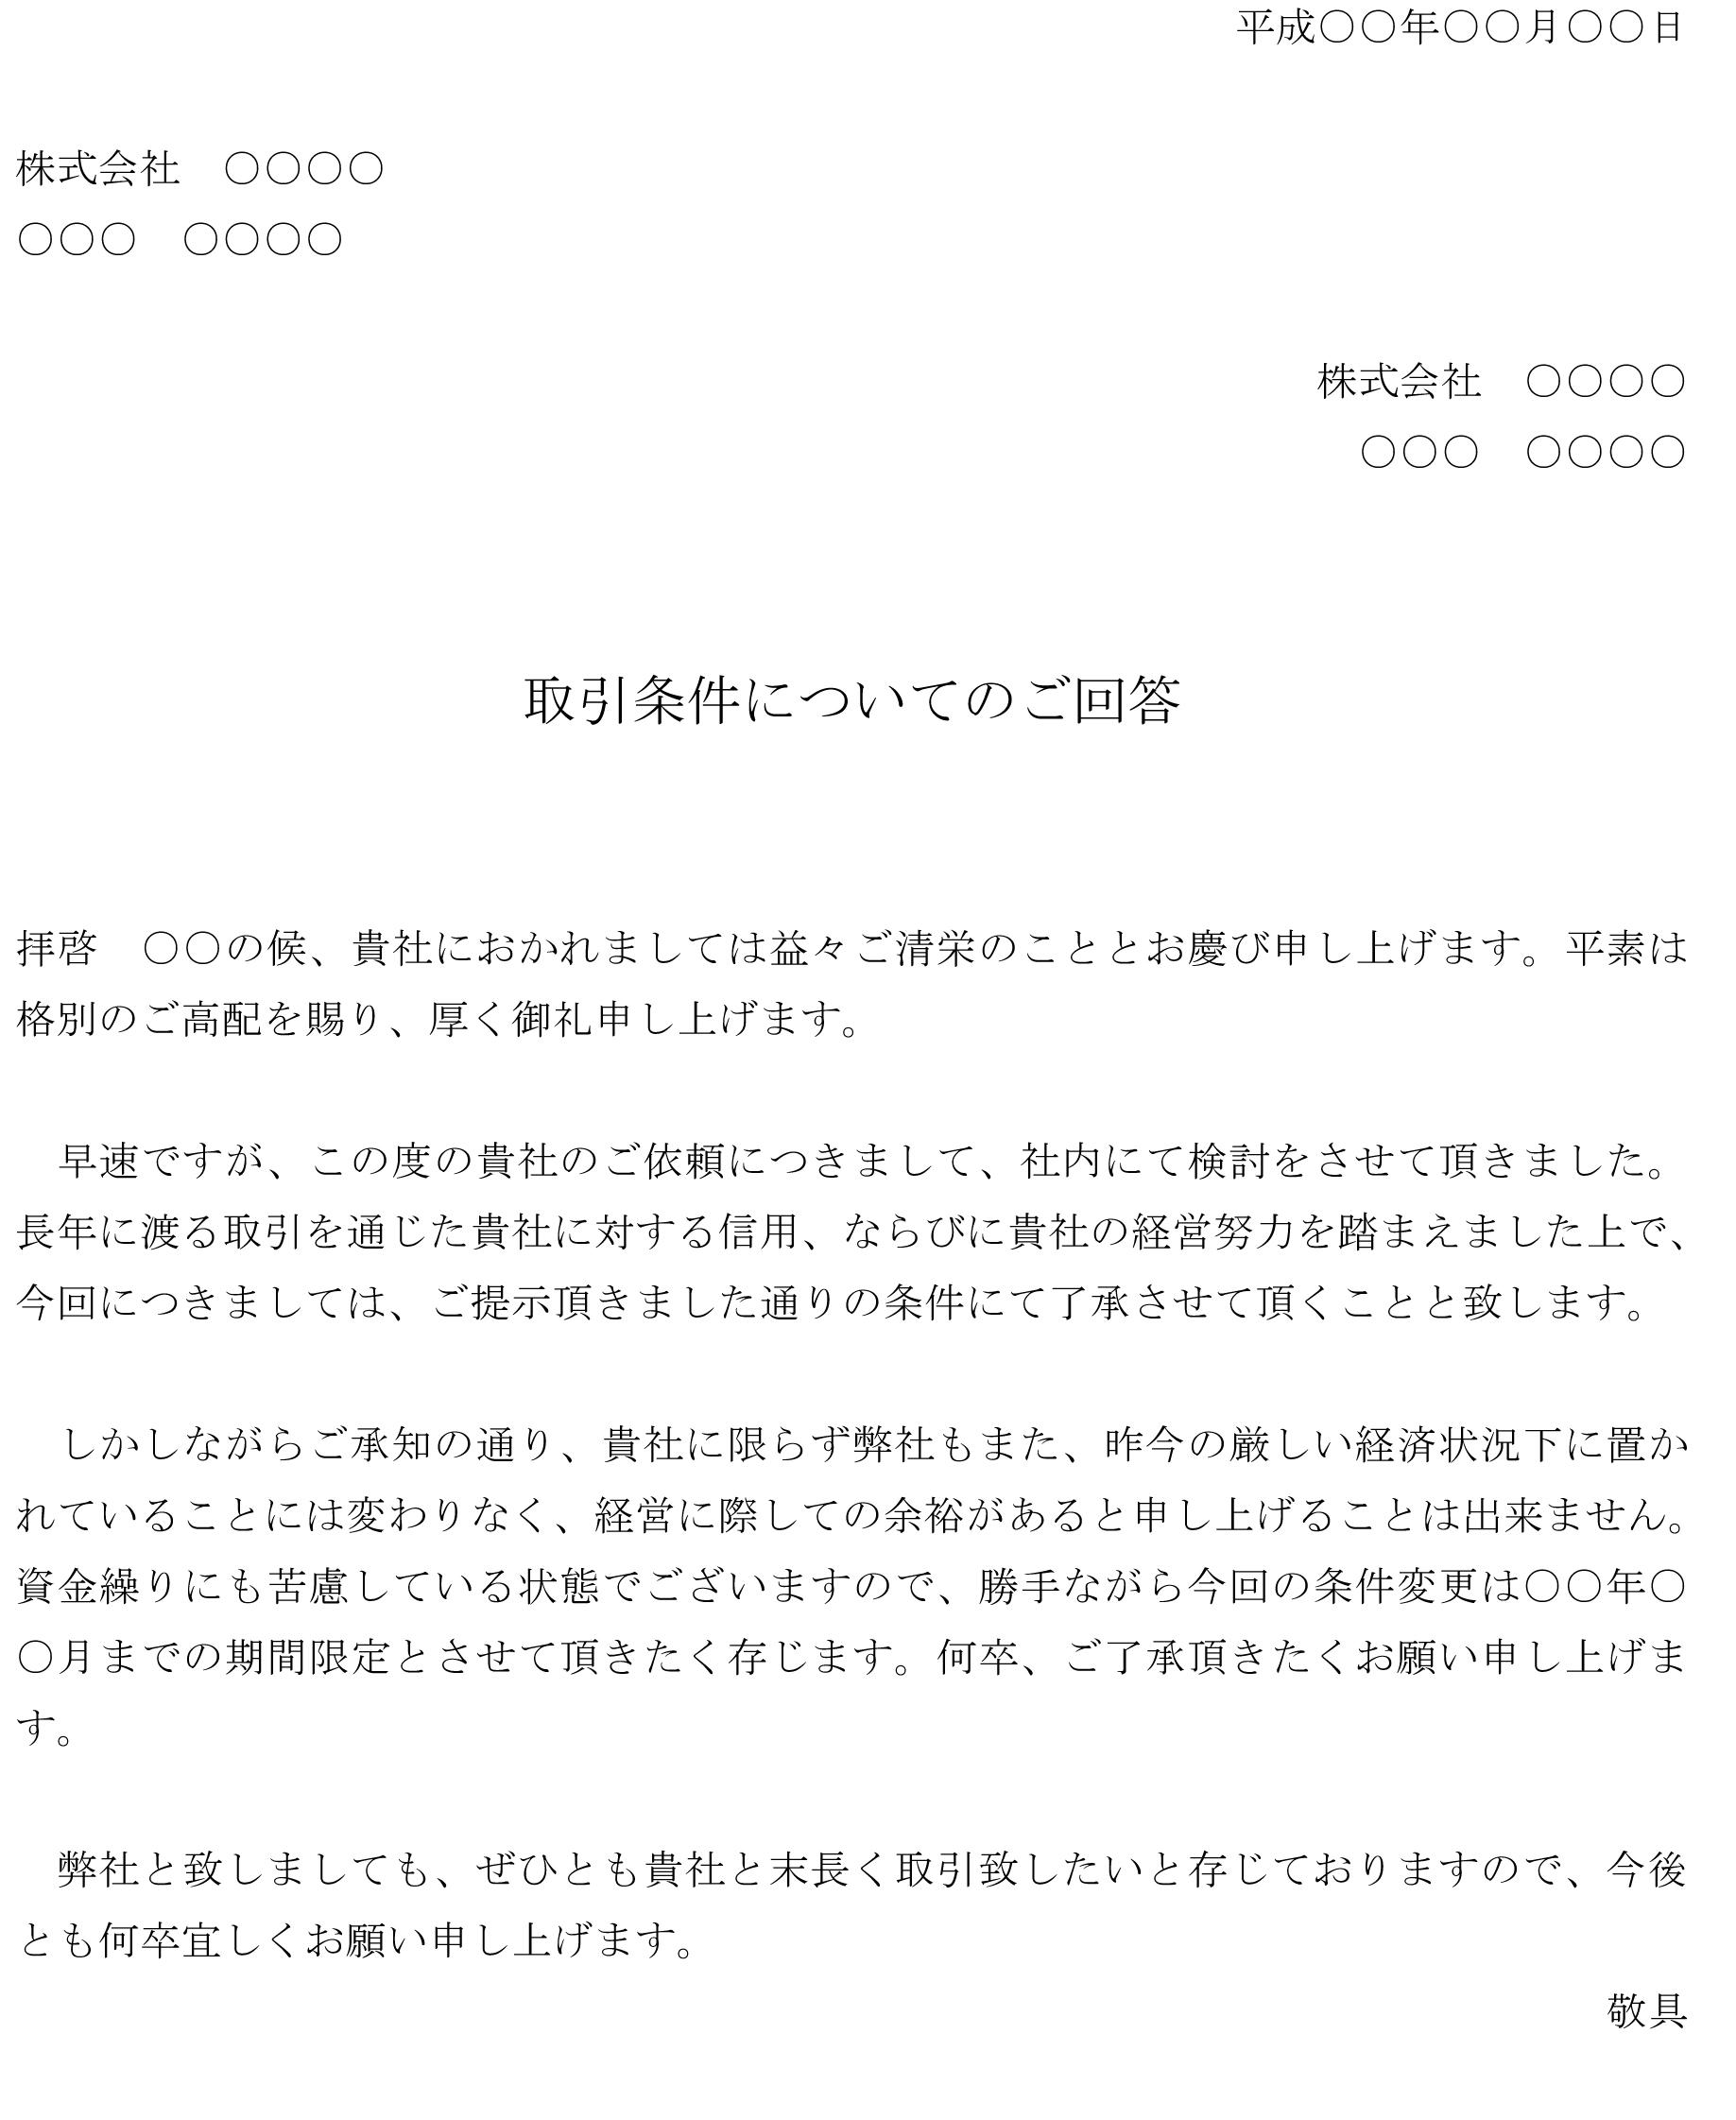 回答書(取引条件の変更依頼について条件つきで承諾)01